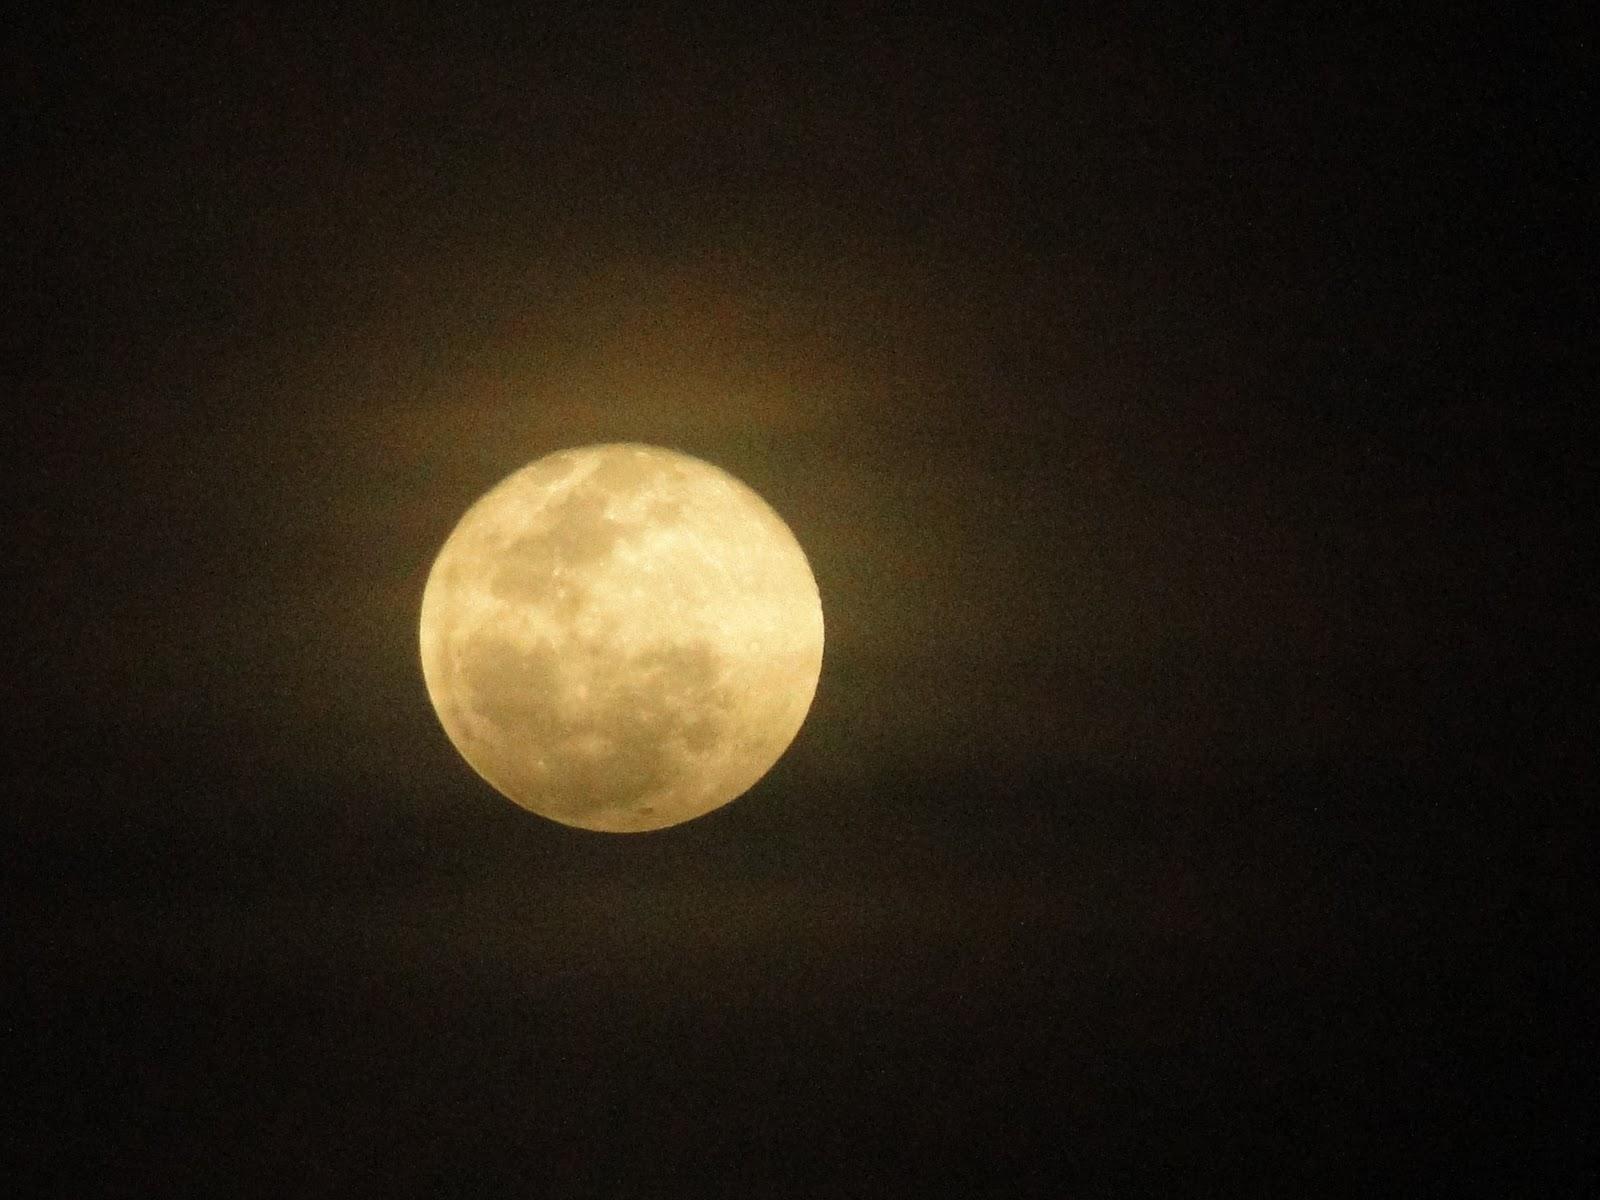 Lua Eu Descobri Que A Solidão é O Grande Amo: Vida Louca, Vida